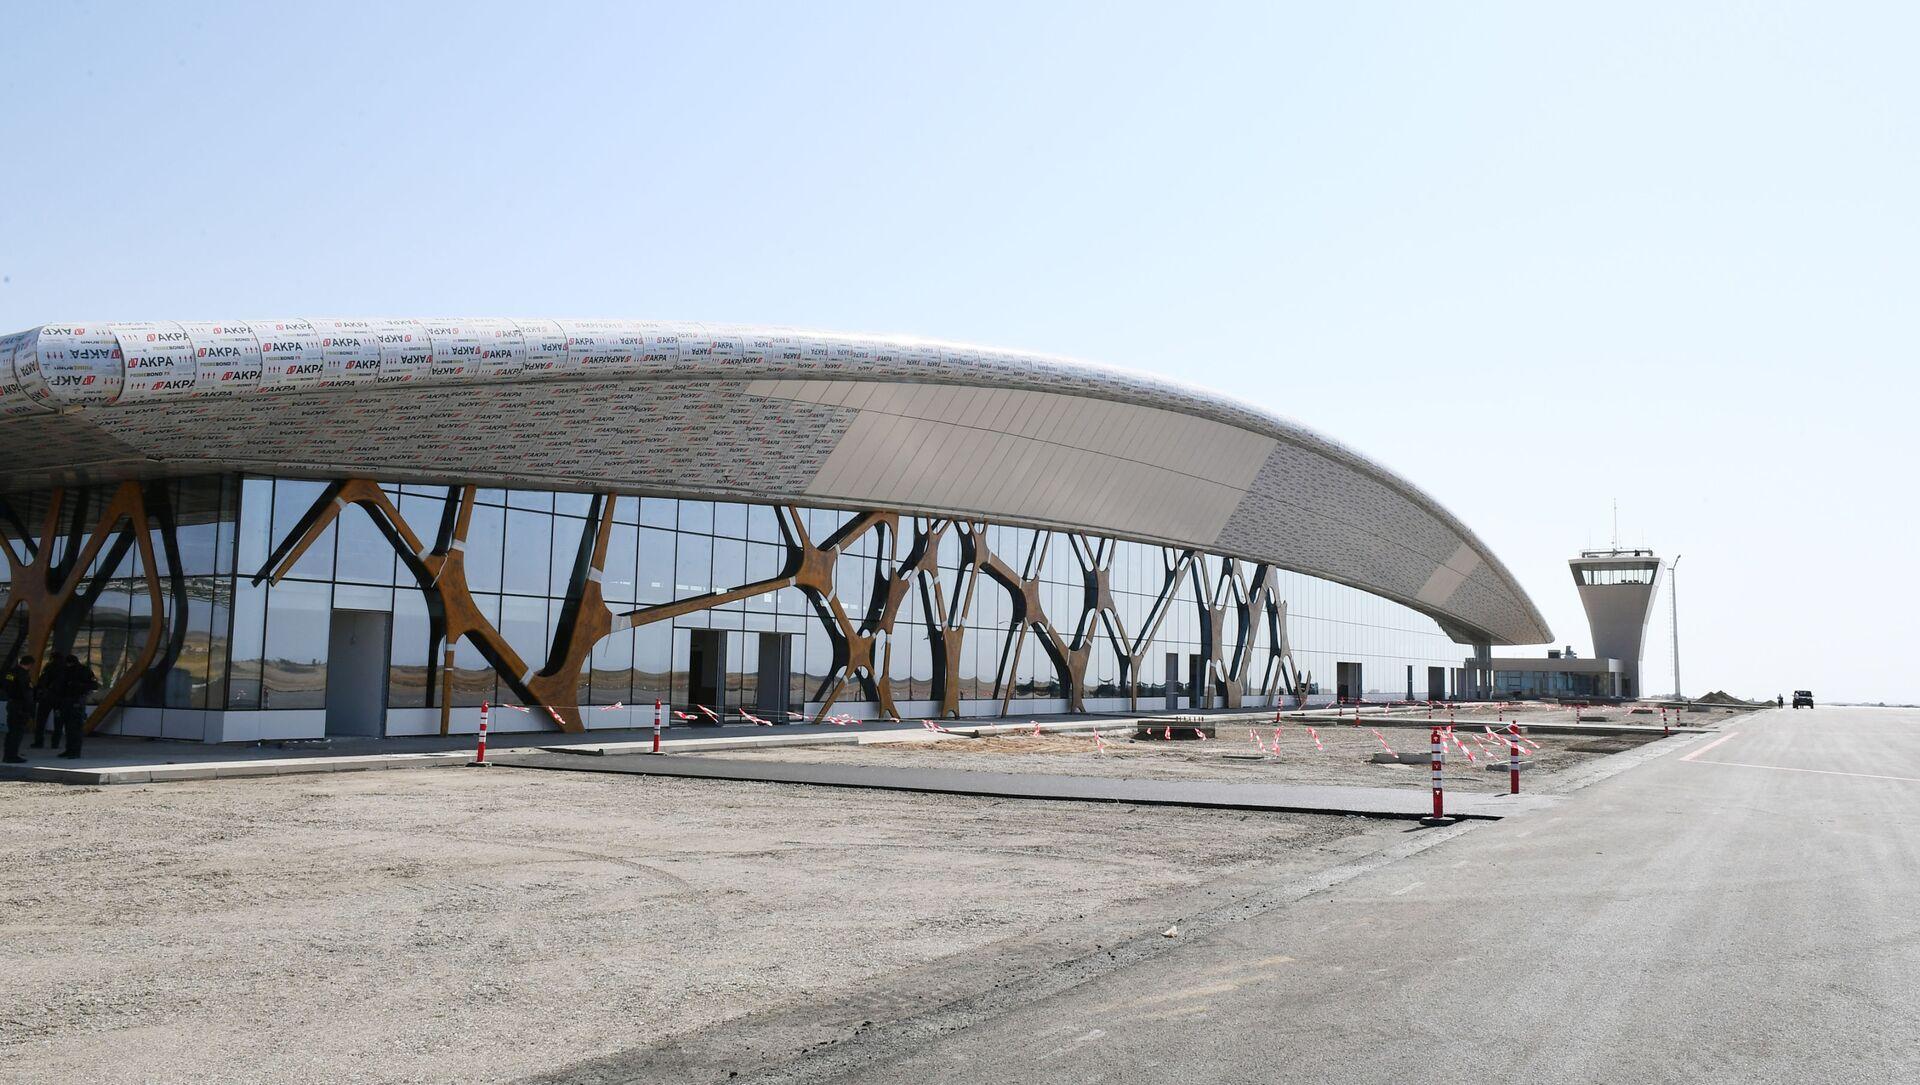 Füzuli Beynəlxalq Hava Limanı - Sputnik Азербайджан, 1920, 05.09.2021